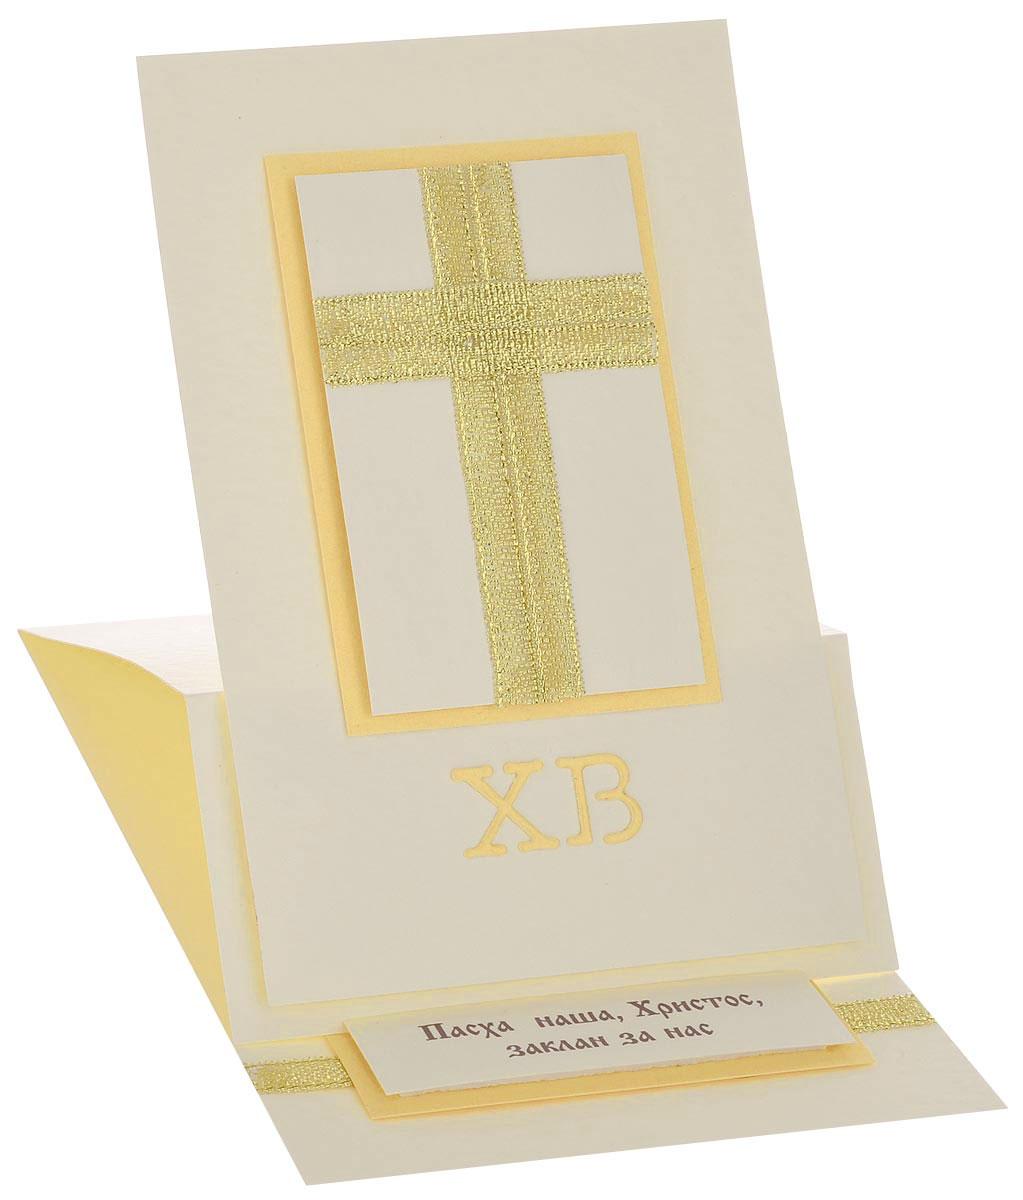 Открытка ручной работы Христос Воскрес, с конвертом. Автор Татьяна Саранчукова. A-043A-043Открытка ручной работы Христос Воскрес, выполненная с теплом и любовью, позволит вам оригинально дополнить подарок к Пасхе. Открытка изготовлена из дизайнерской плотной бумаги. Лицевая сторона оформлена накладкой с декоративным крестом из металлизированной тесьмы и объемными буквами ХВ. Внутри содержится накладка с текстом Пасха наша, Христос, заклан за нас. Также имеется вкладыш для написания поздравления. Открытку при желании можно зафиксировать вертикально.В комплект входит белый конверт.Открытка упакована в пакет для сохранности. Размер открытки: 15 см х 10 см.Размер конверта: 16 см х 11,5 см.